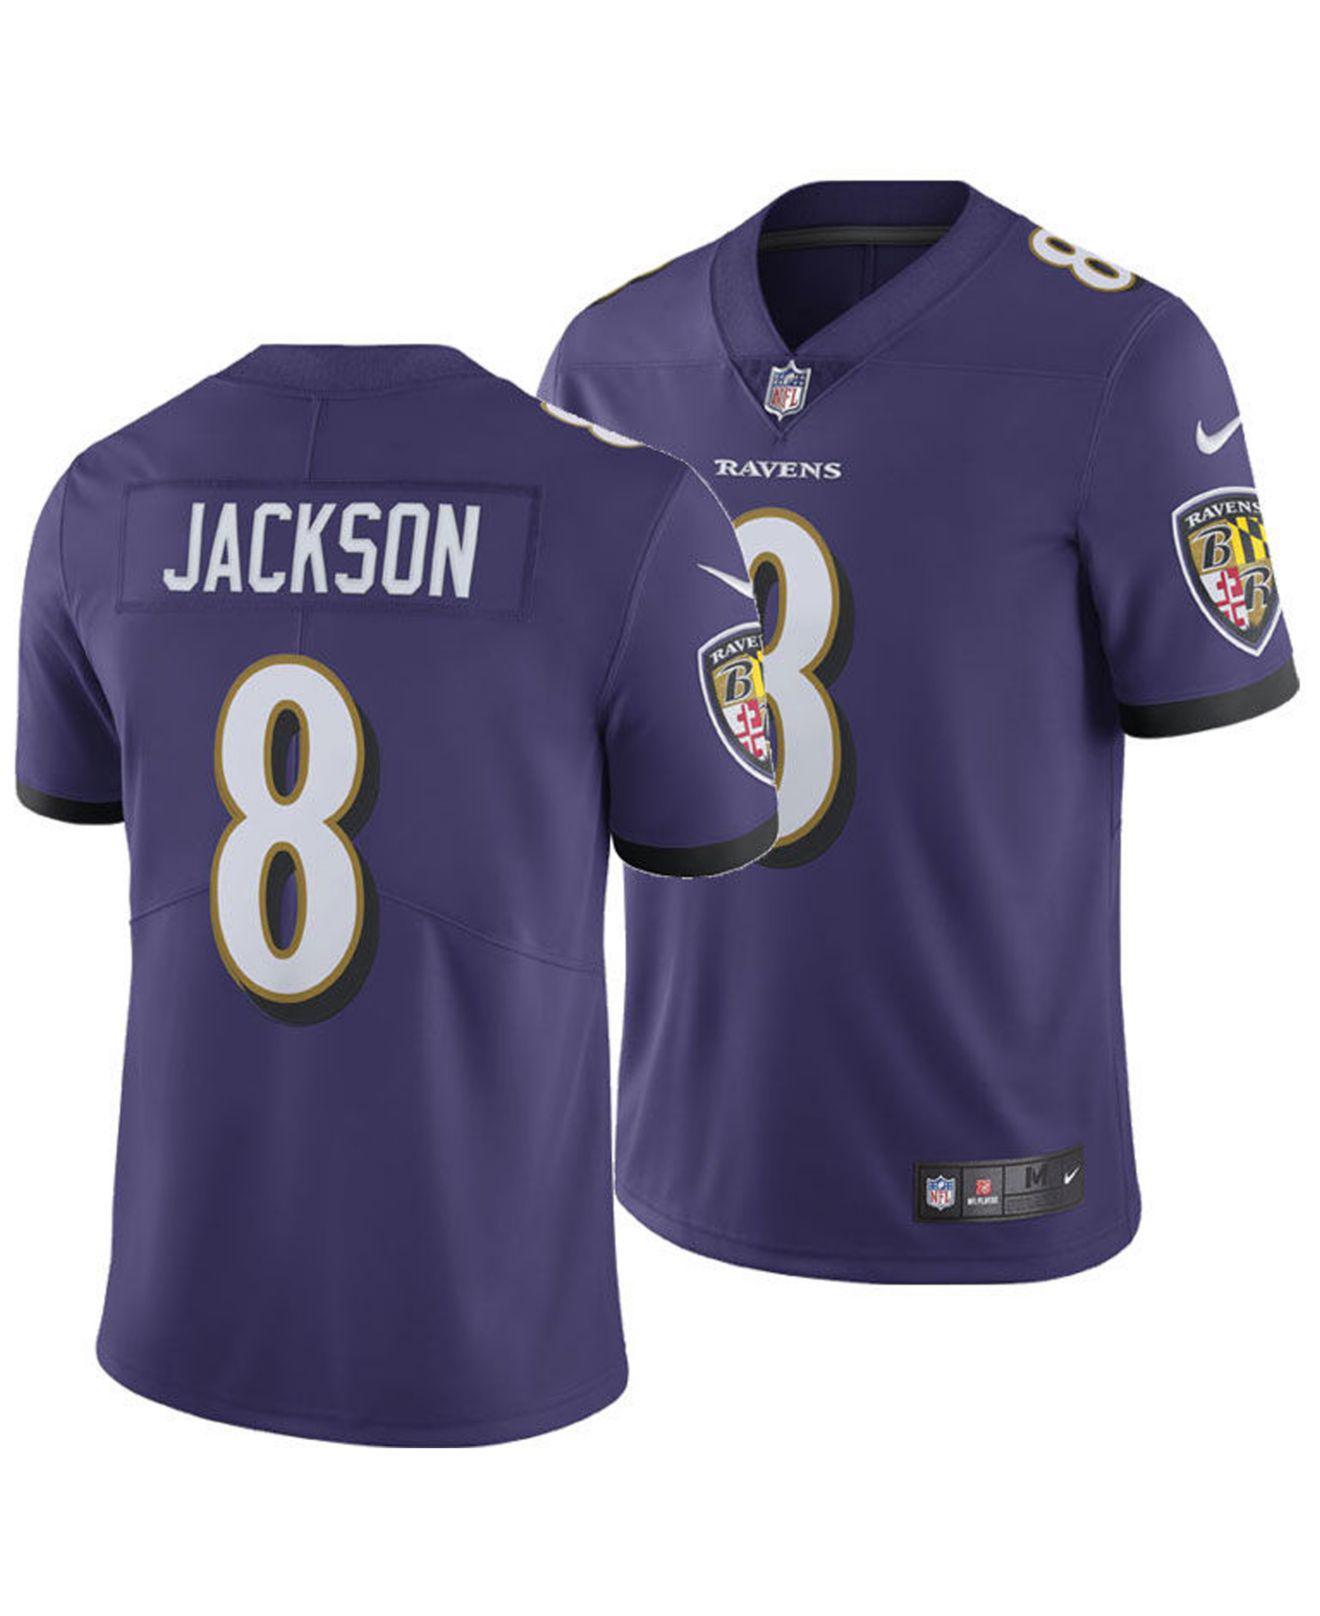 Lamar Jackson Baltimore Ravens Limited Jersey